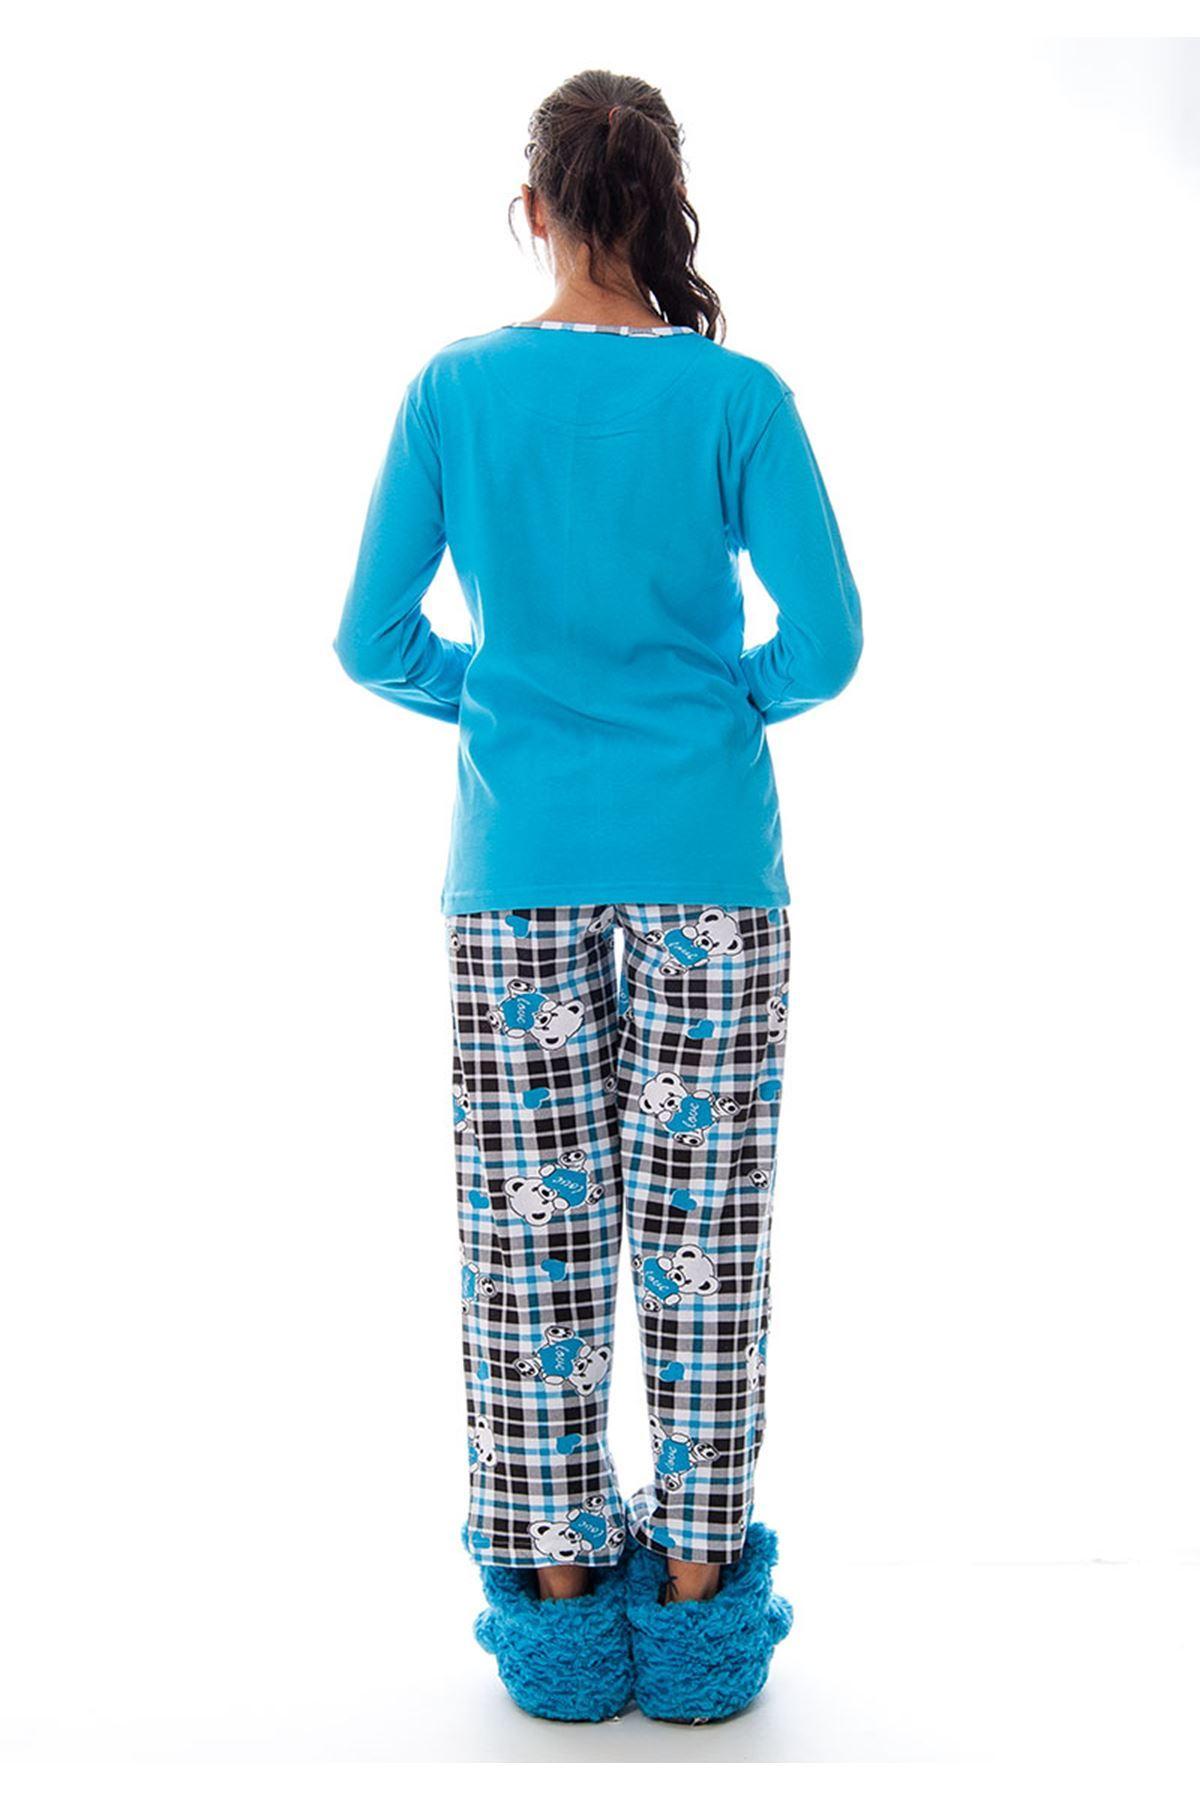 Mavi Ayı Baskılı Kadın Pijama Takımı 14C-120330